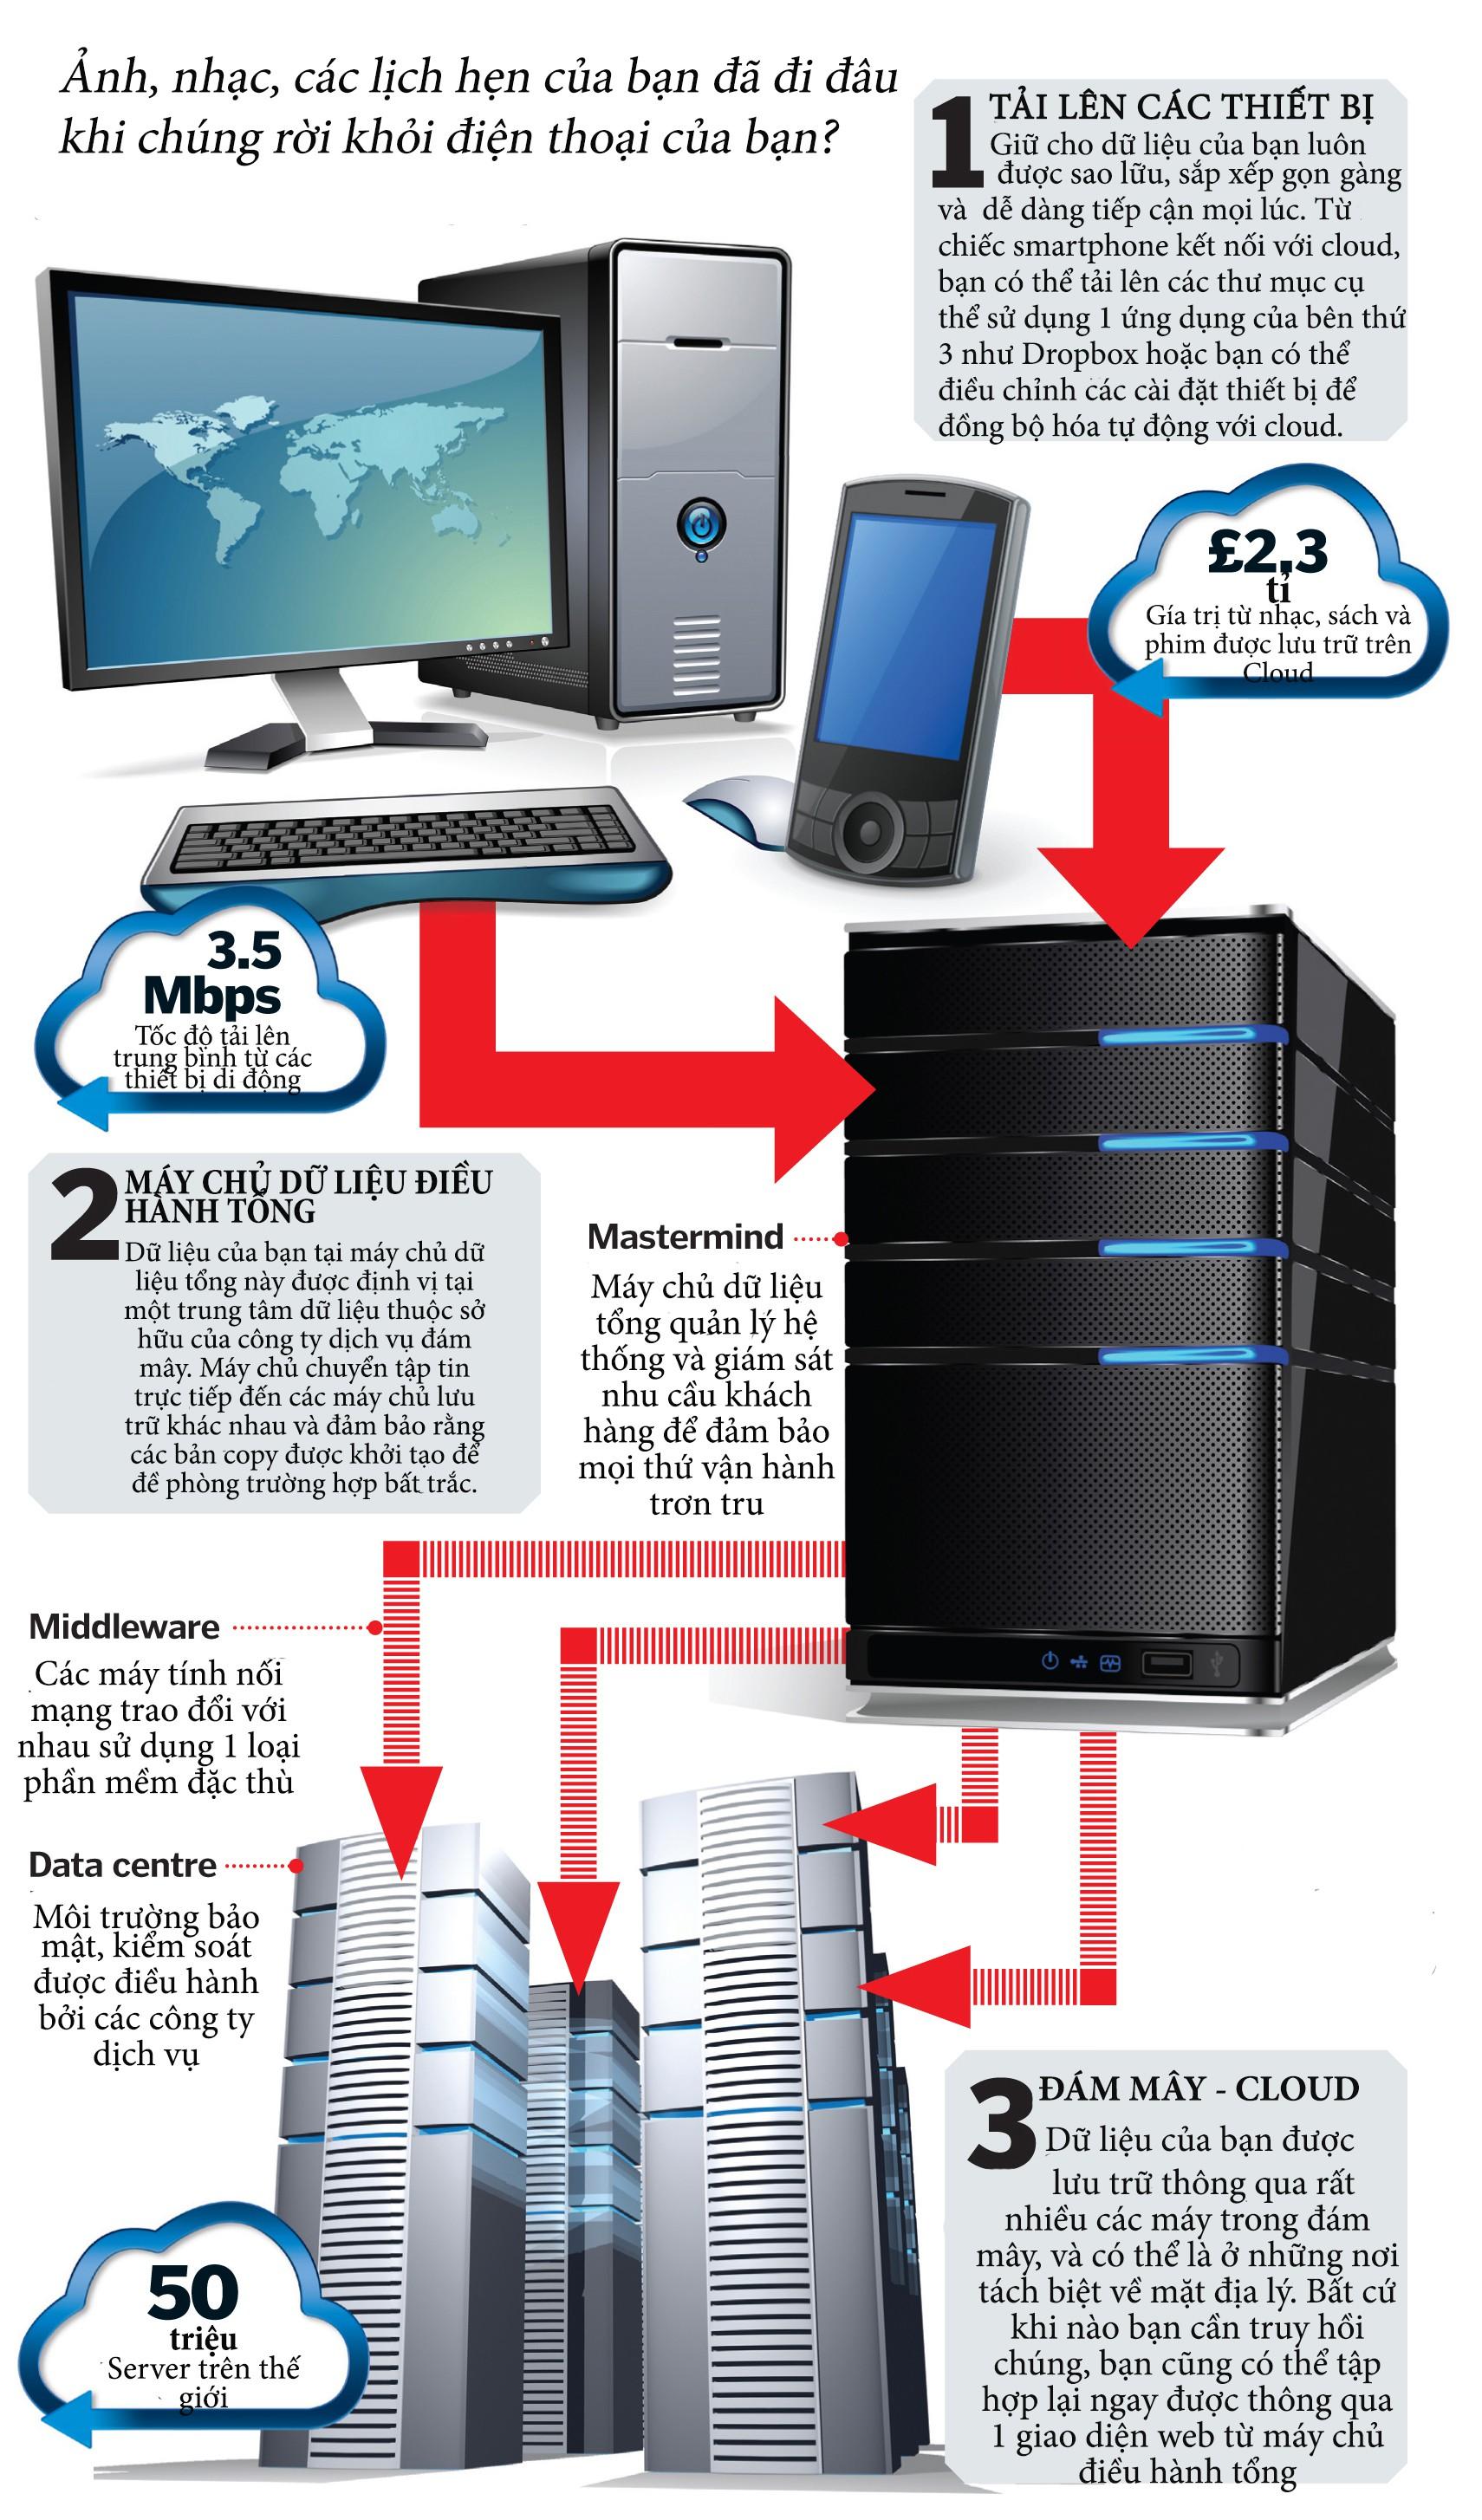 Dung lượng lưu trữ đám mây (Cloud storage) hoạt động như thế nào? - Ảnh 2.